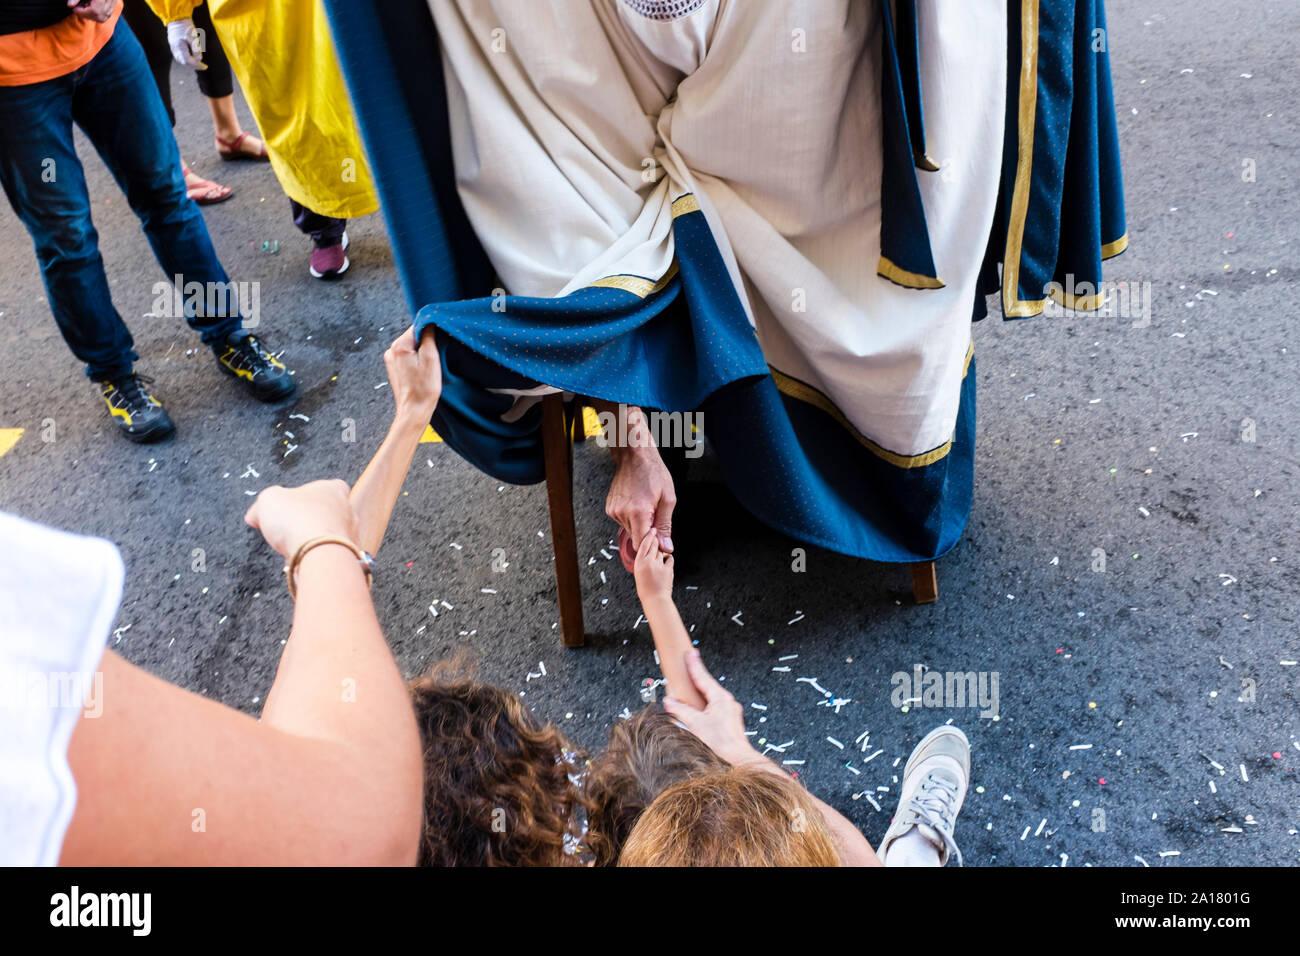 Barcelone, Espagne. Sep 24, 2019. 'Cavalcada de la Mercè',??un des actes de la culture traditionnelle de la Mercé fêtes, c'est la grande parade de géants et de grosses têtes, qui a lieu dans le centre de la ville de Barcelone . Cette parade débute à 18h00 du Pelai Street près de la Place Catalunya, puis en bas de La Rambla, tourner sur la rue Ferran pour mettre fin à la Plaça de Sant Jaume. (Photo de Francisco Jose Pelay/Pacific Press) Credit: Pacific Press Agency/Alamy Live News Banque D'Images